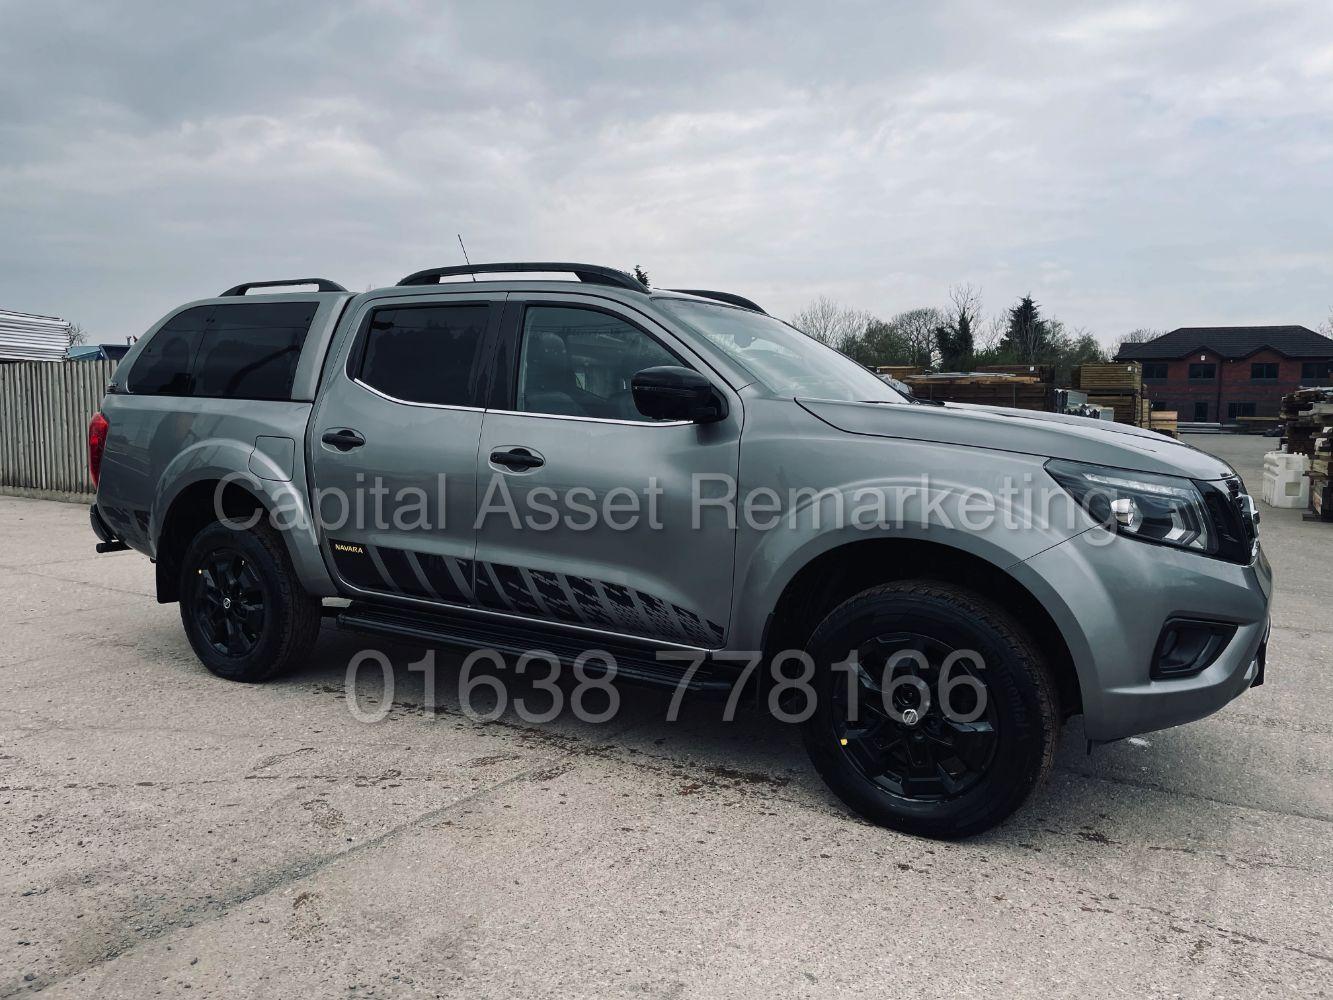 2020 Mercedes-Benz E220d *AMG Premium Plus - Cabriolet* - 2020 Nissan Navara *N-Guard* D/Cab Pick-Up + Many More: Cars, Commercials & 4x4's